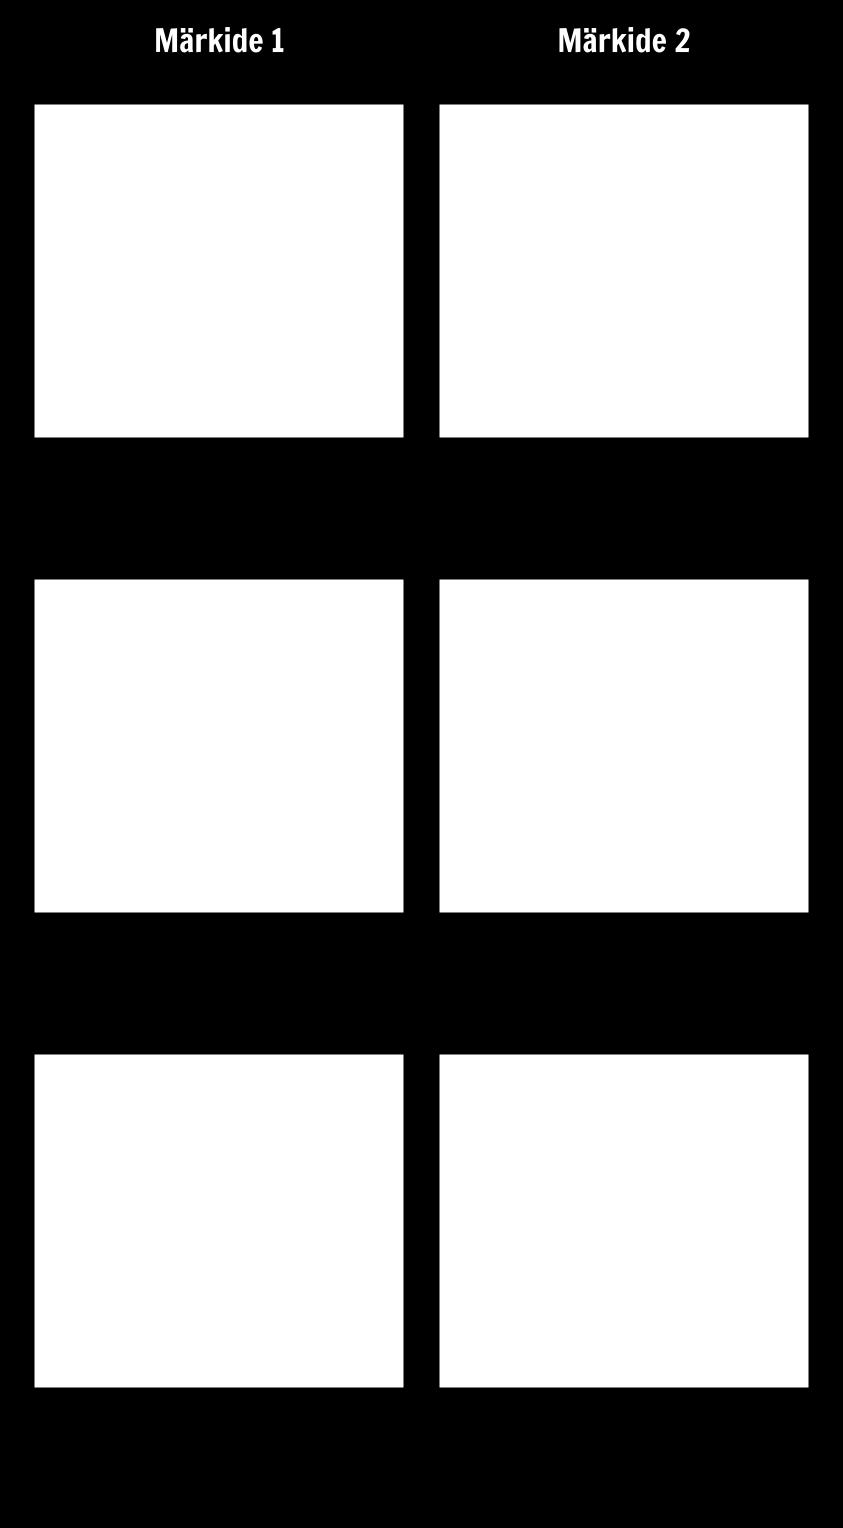 Märkide Võrdlusest - T-Chart